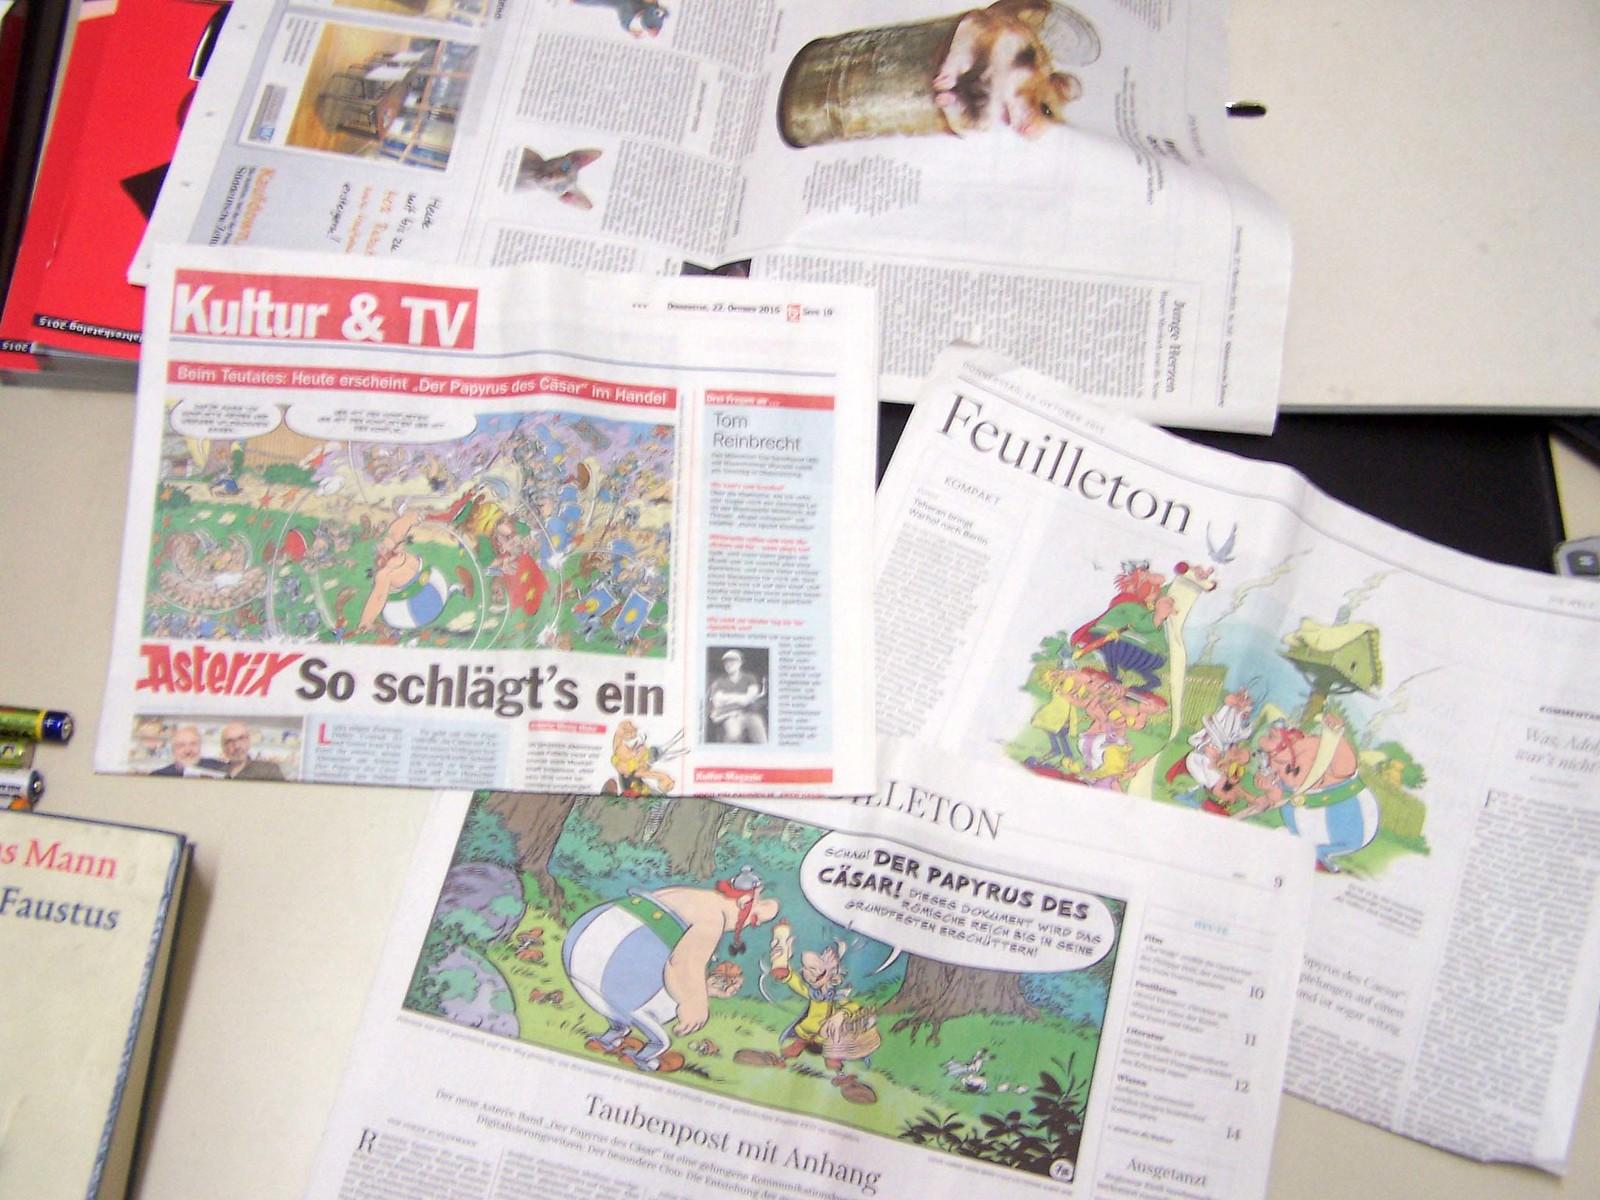 Der Papyrus des Cäsar in der Süddeutschen, der Welt und der tz vom 22. Oktober 2015